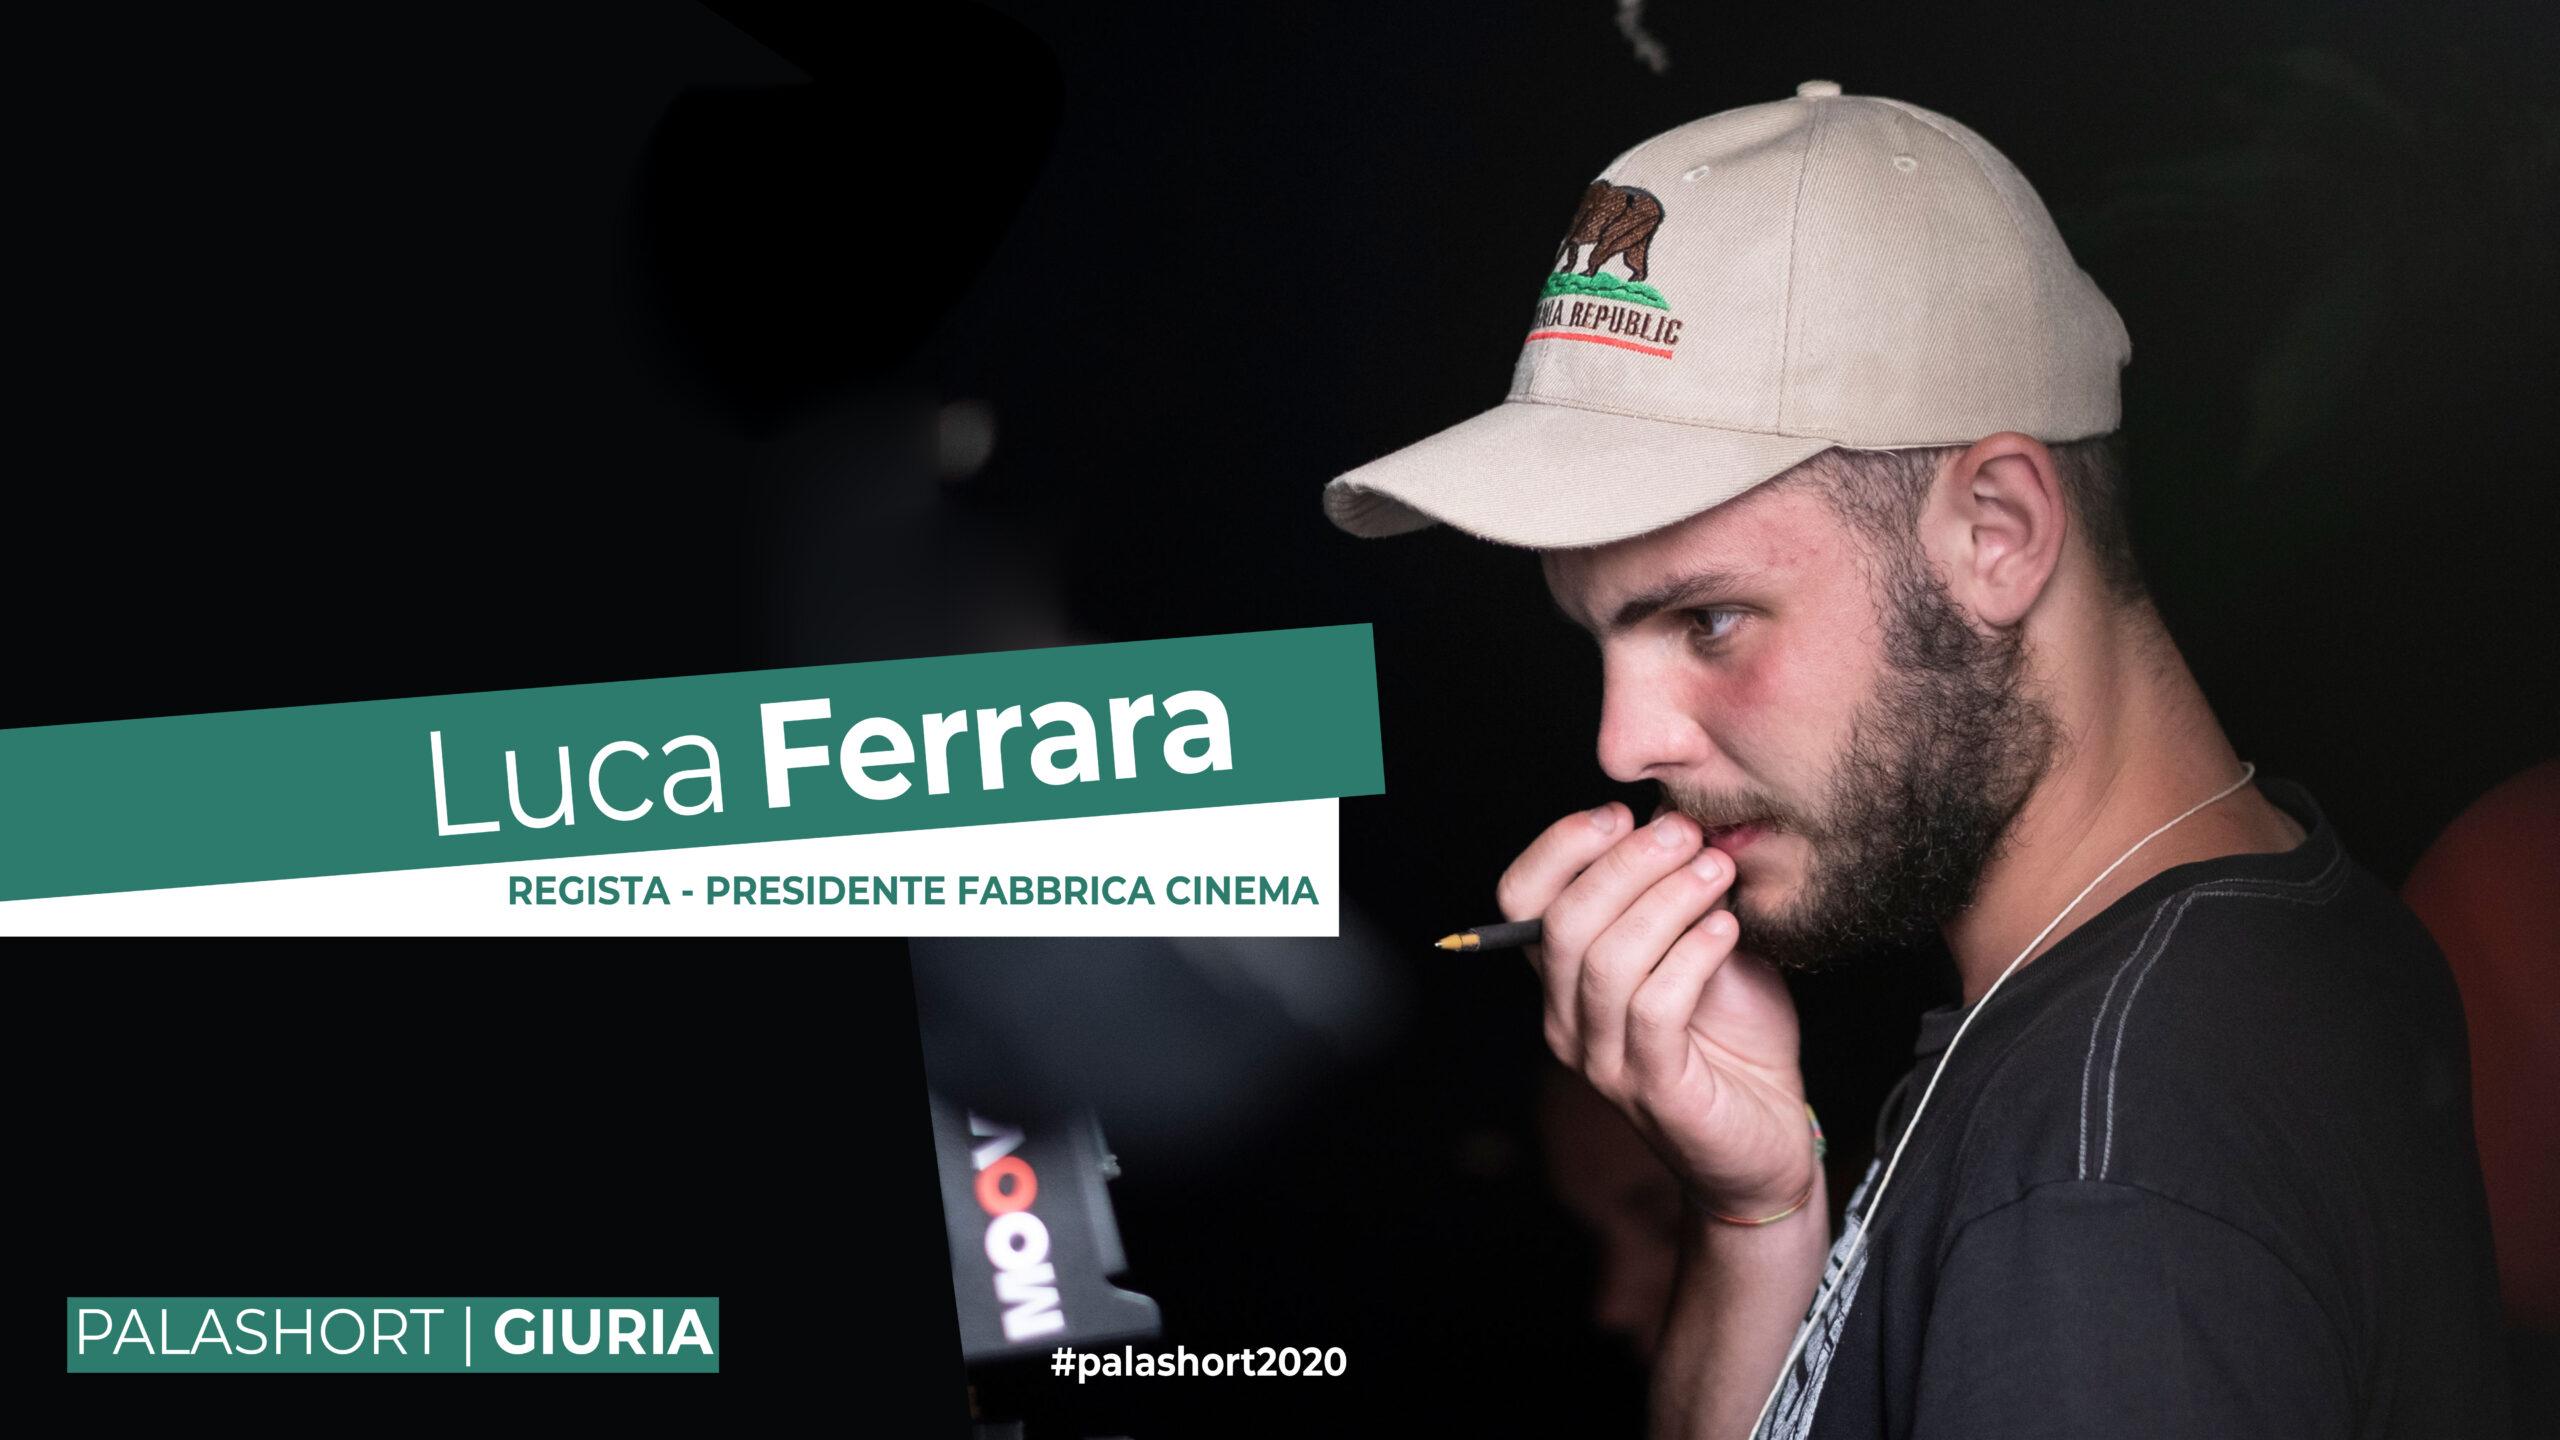 LUCA FERRARA È IN GIURIAALLA SETTIMA EDIZIONE DI PALASHORT!